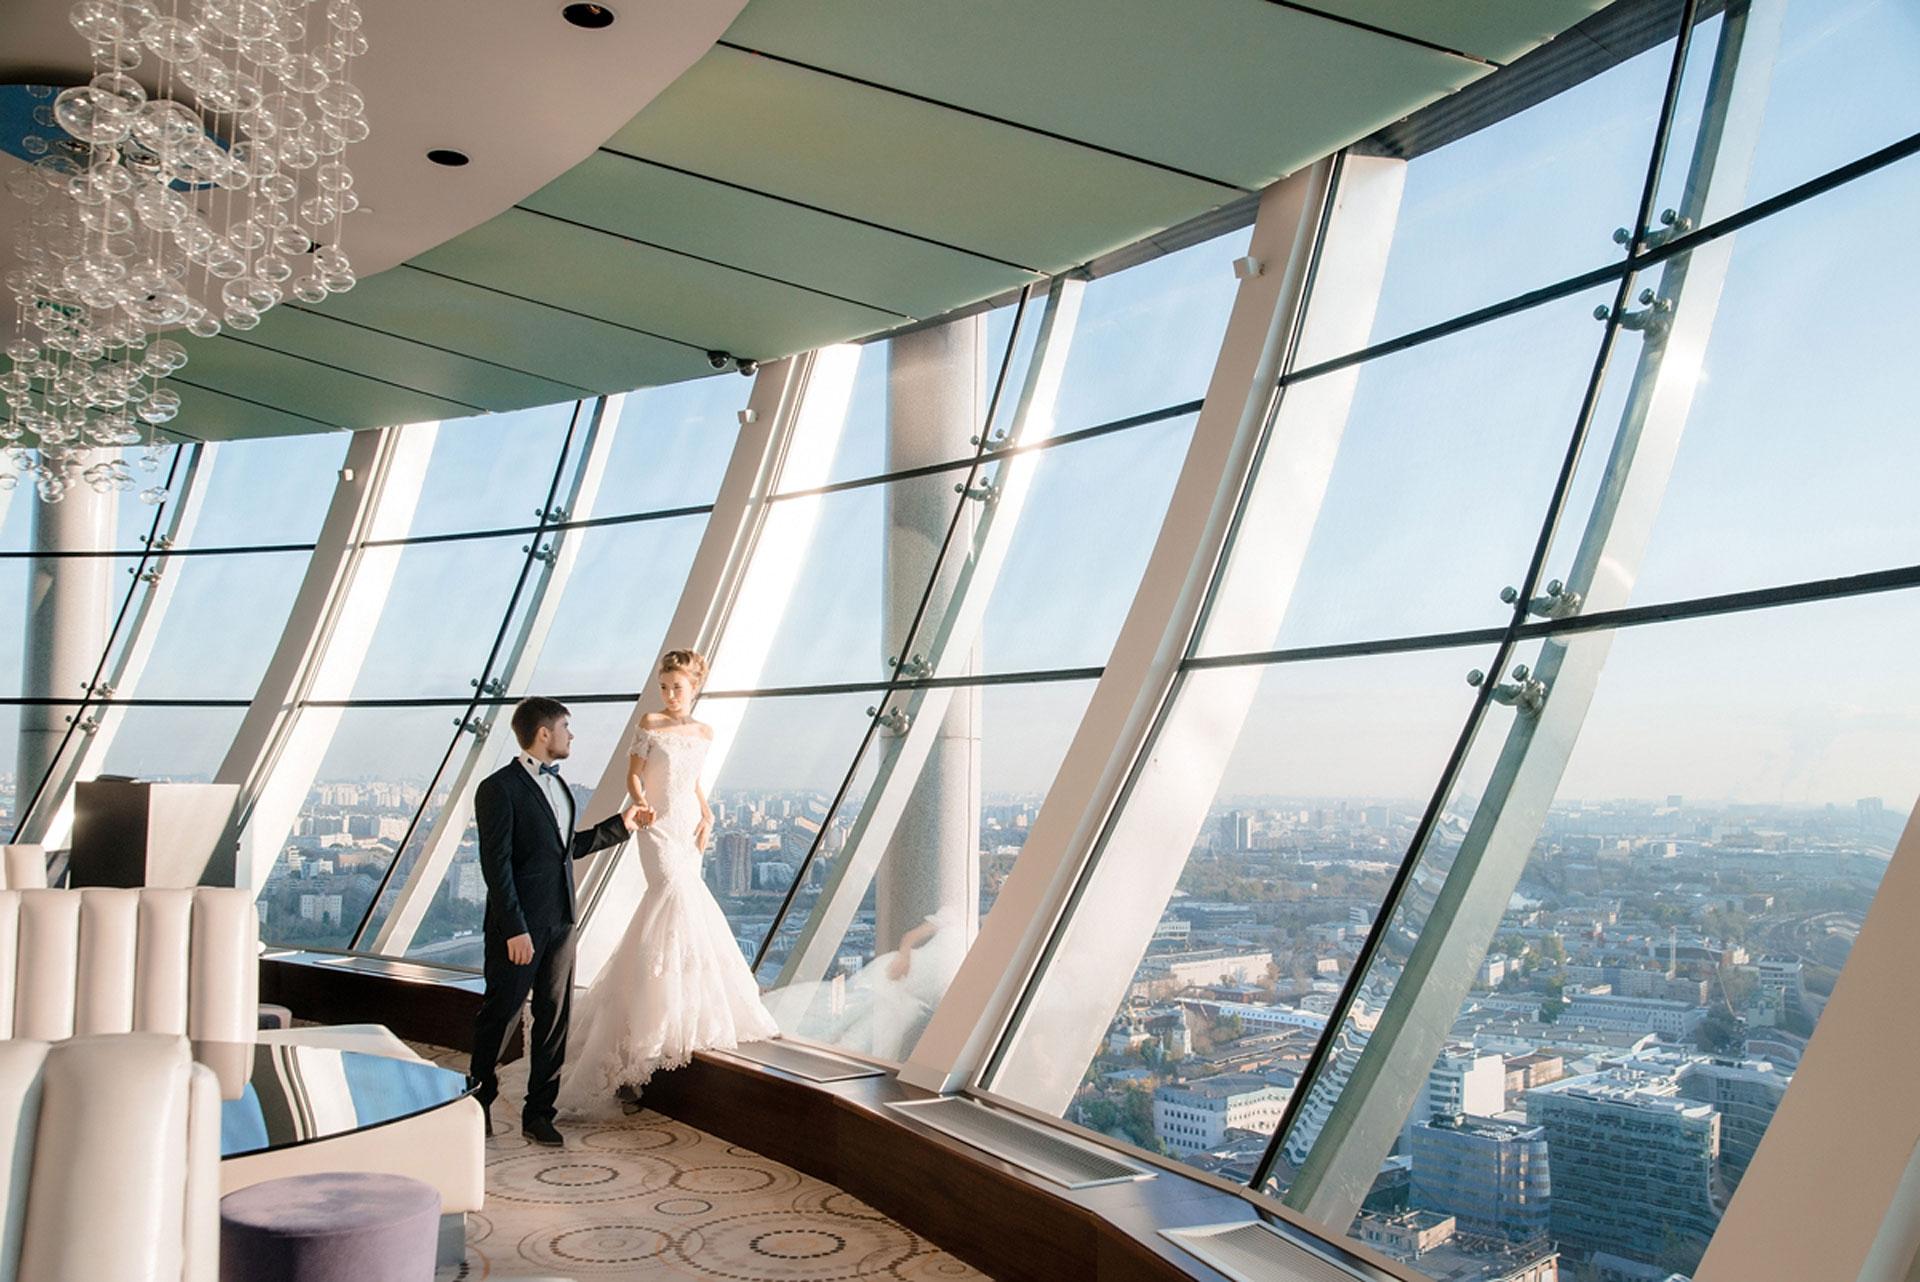 чечни отели для свадебных фотосессий москва тёплая шуба голубая